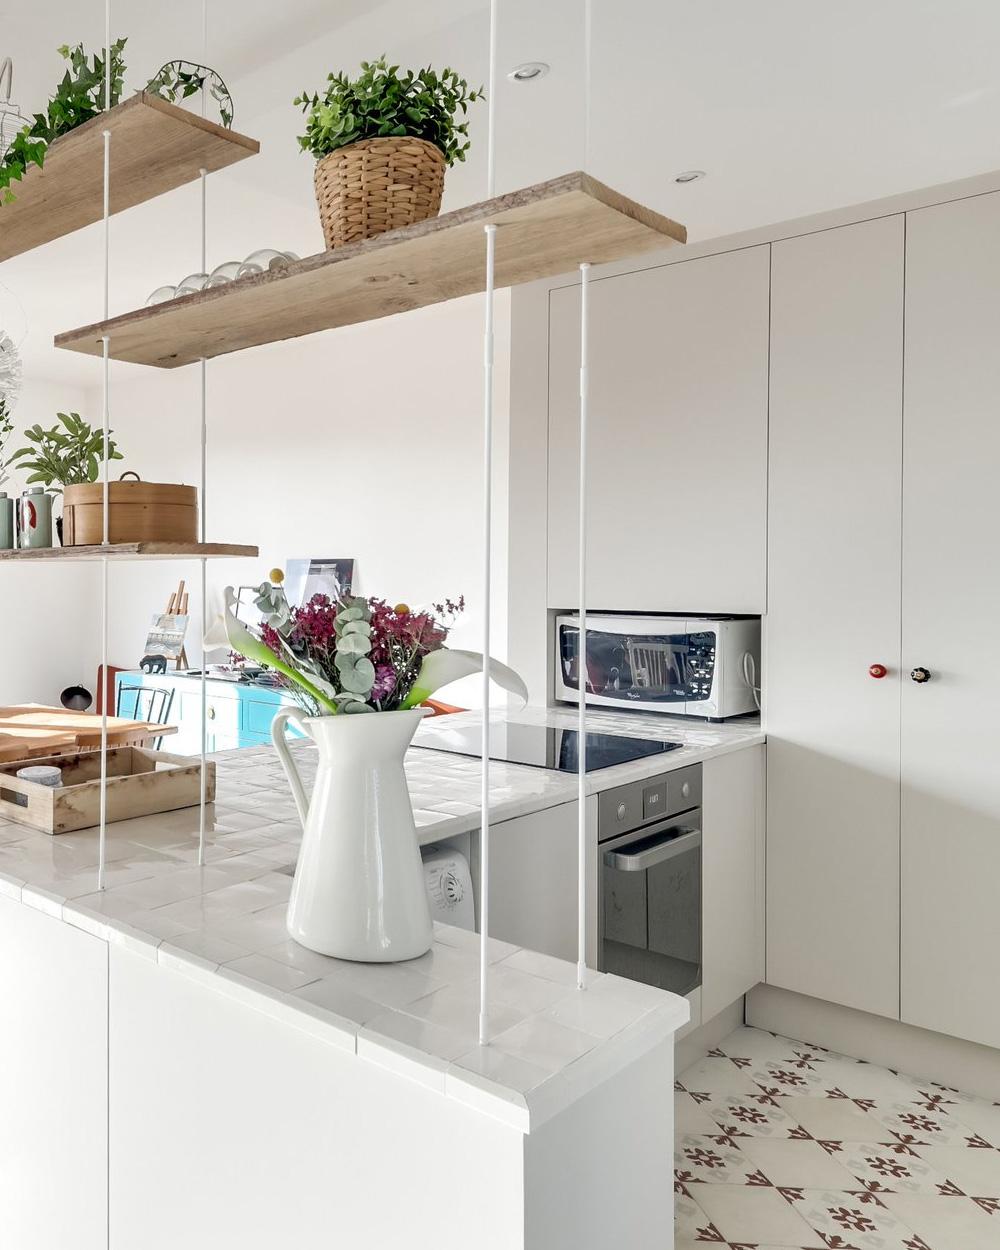 carreau de ciment dans cuisine blanche